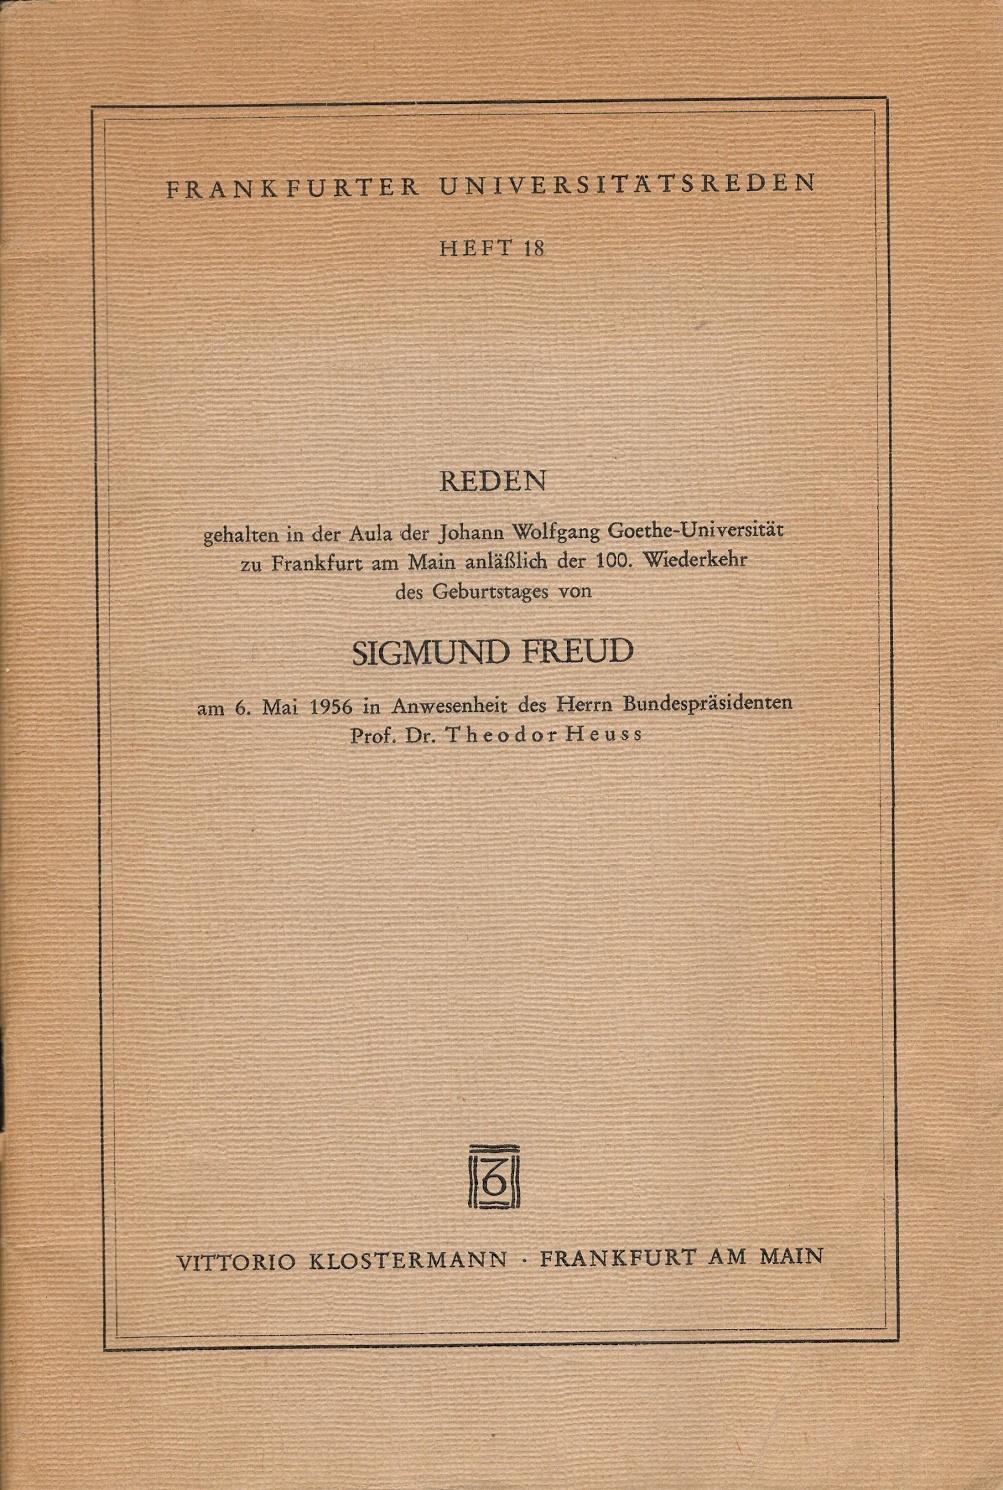 Frankfurter Universitätsreden, Heft 18